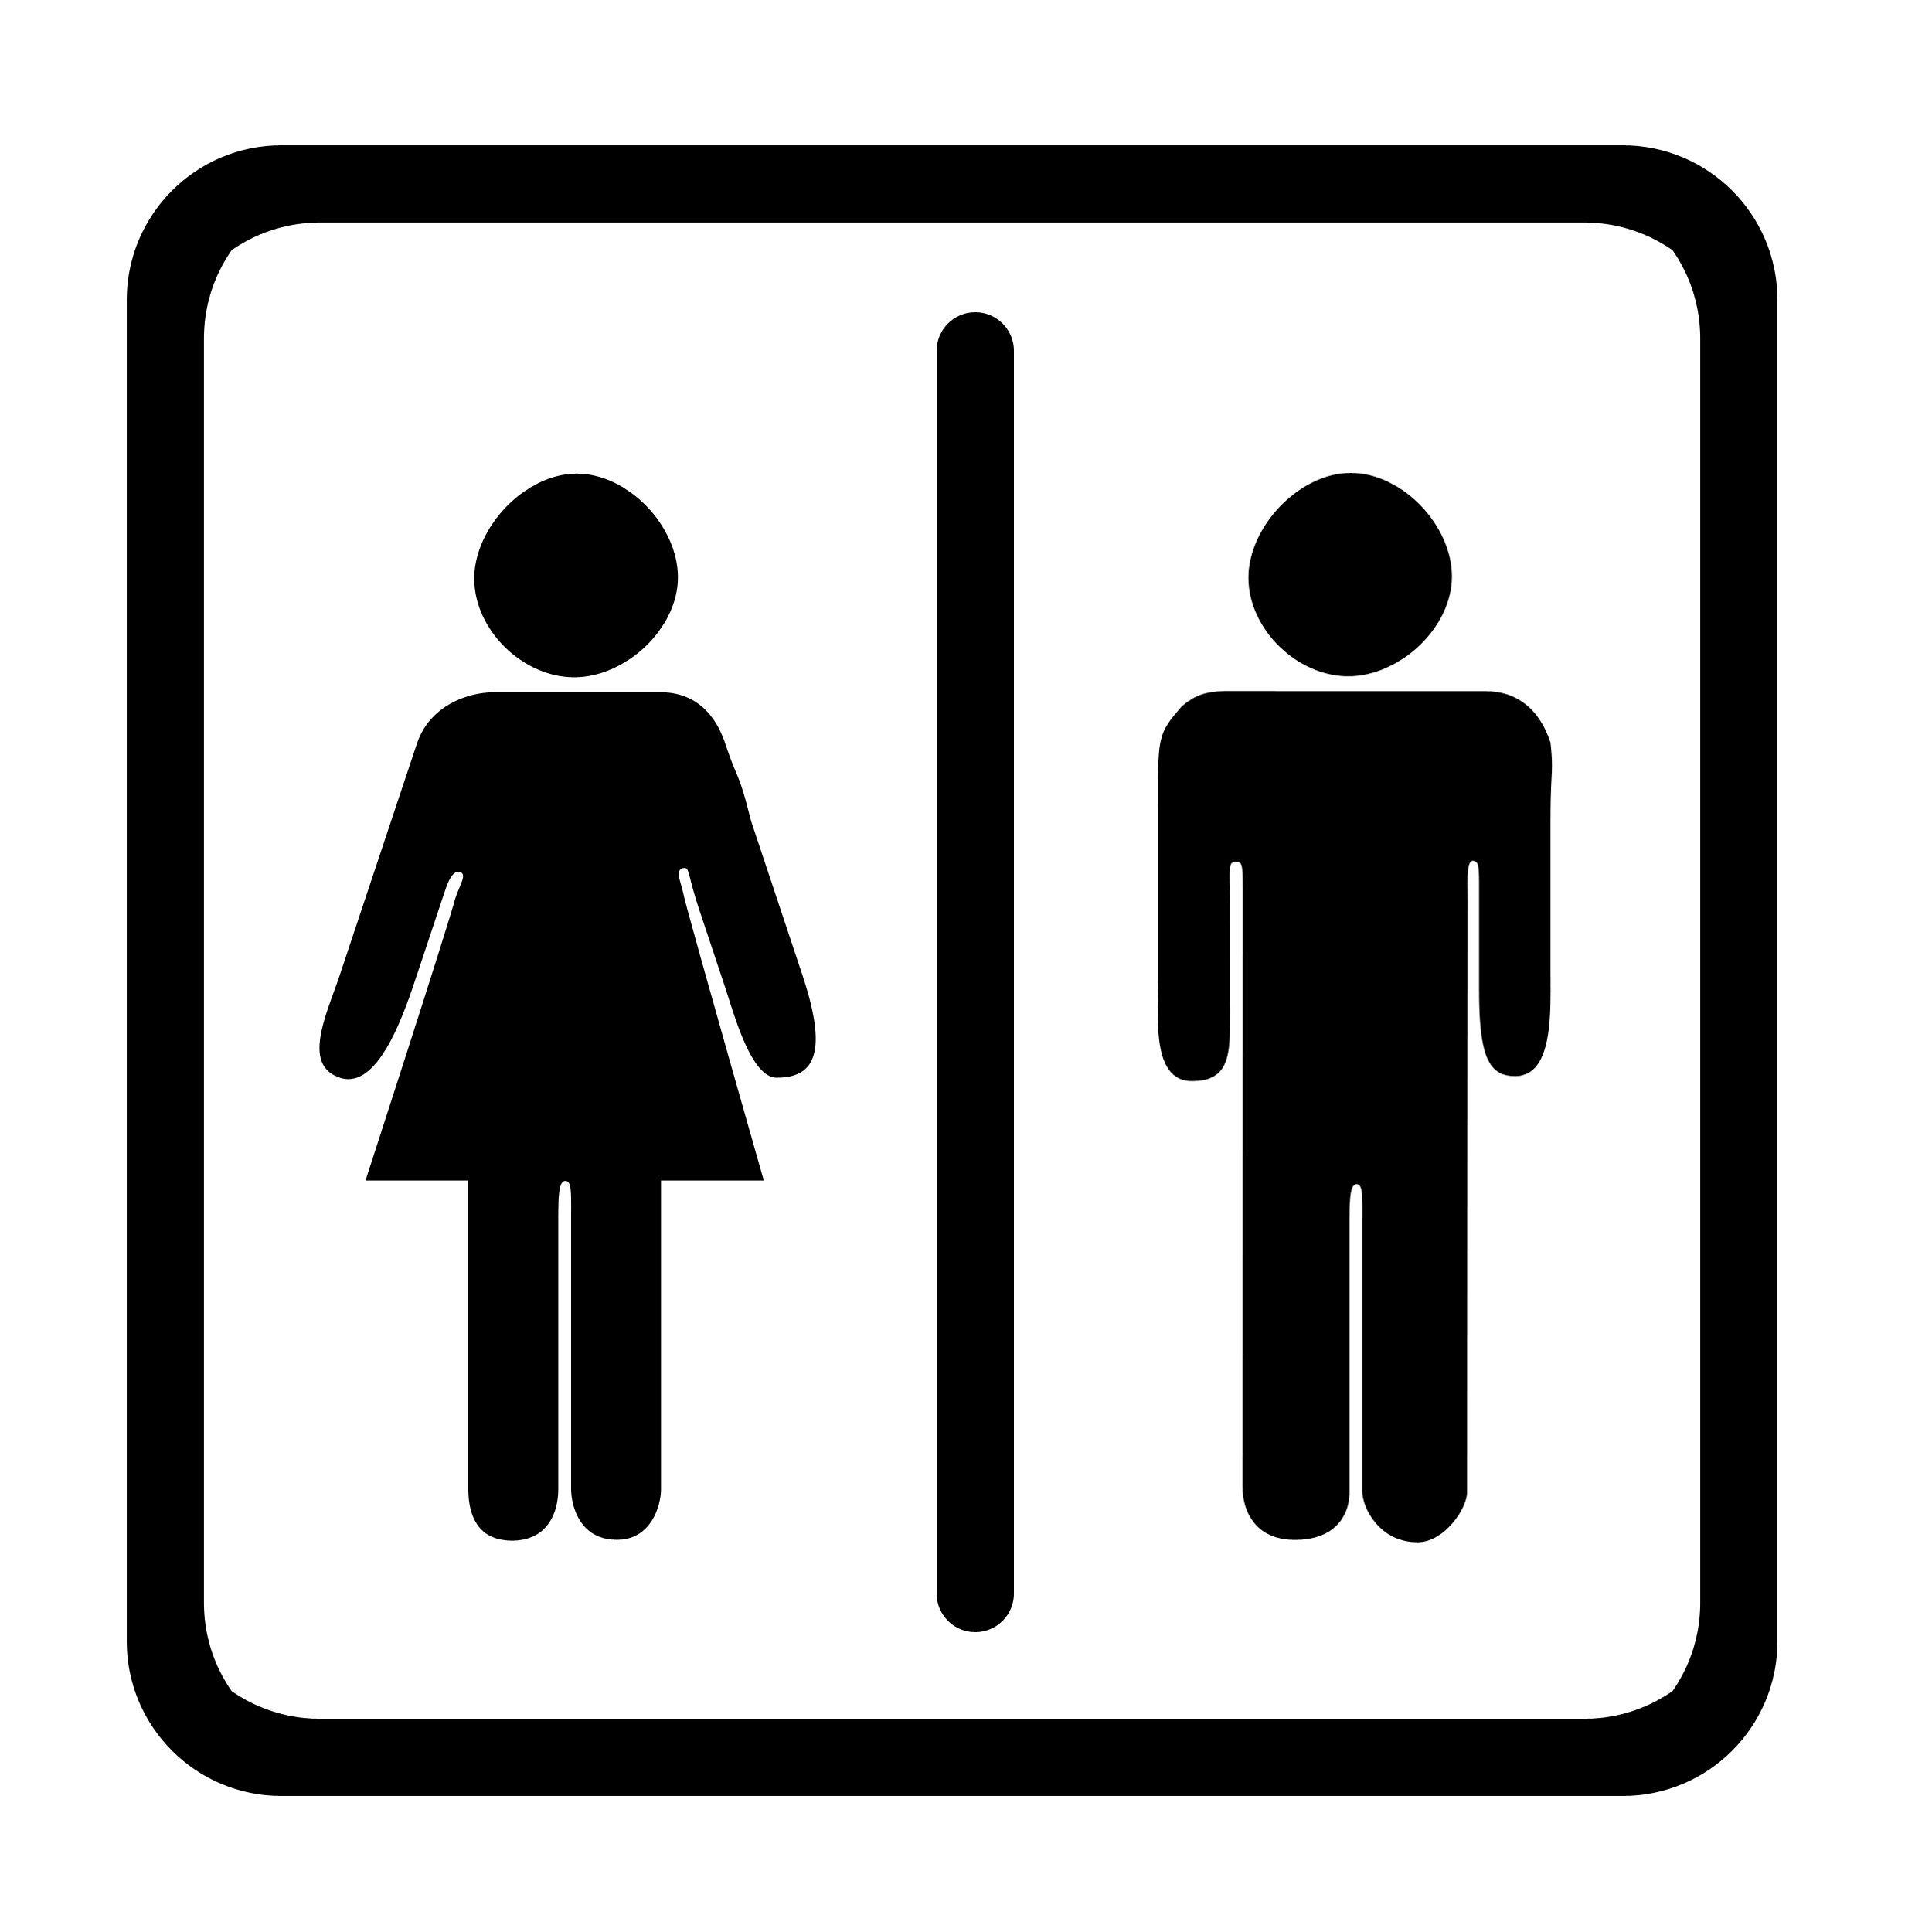 Pin By Ddtexasmom On Identity Bathroom Signs Gender Neutral Bathroom Signs Funny Bathroom Signs